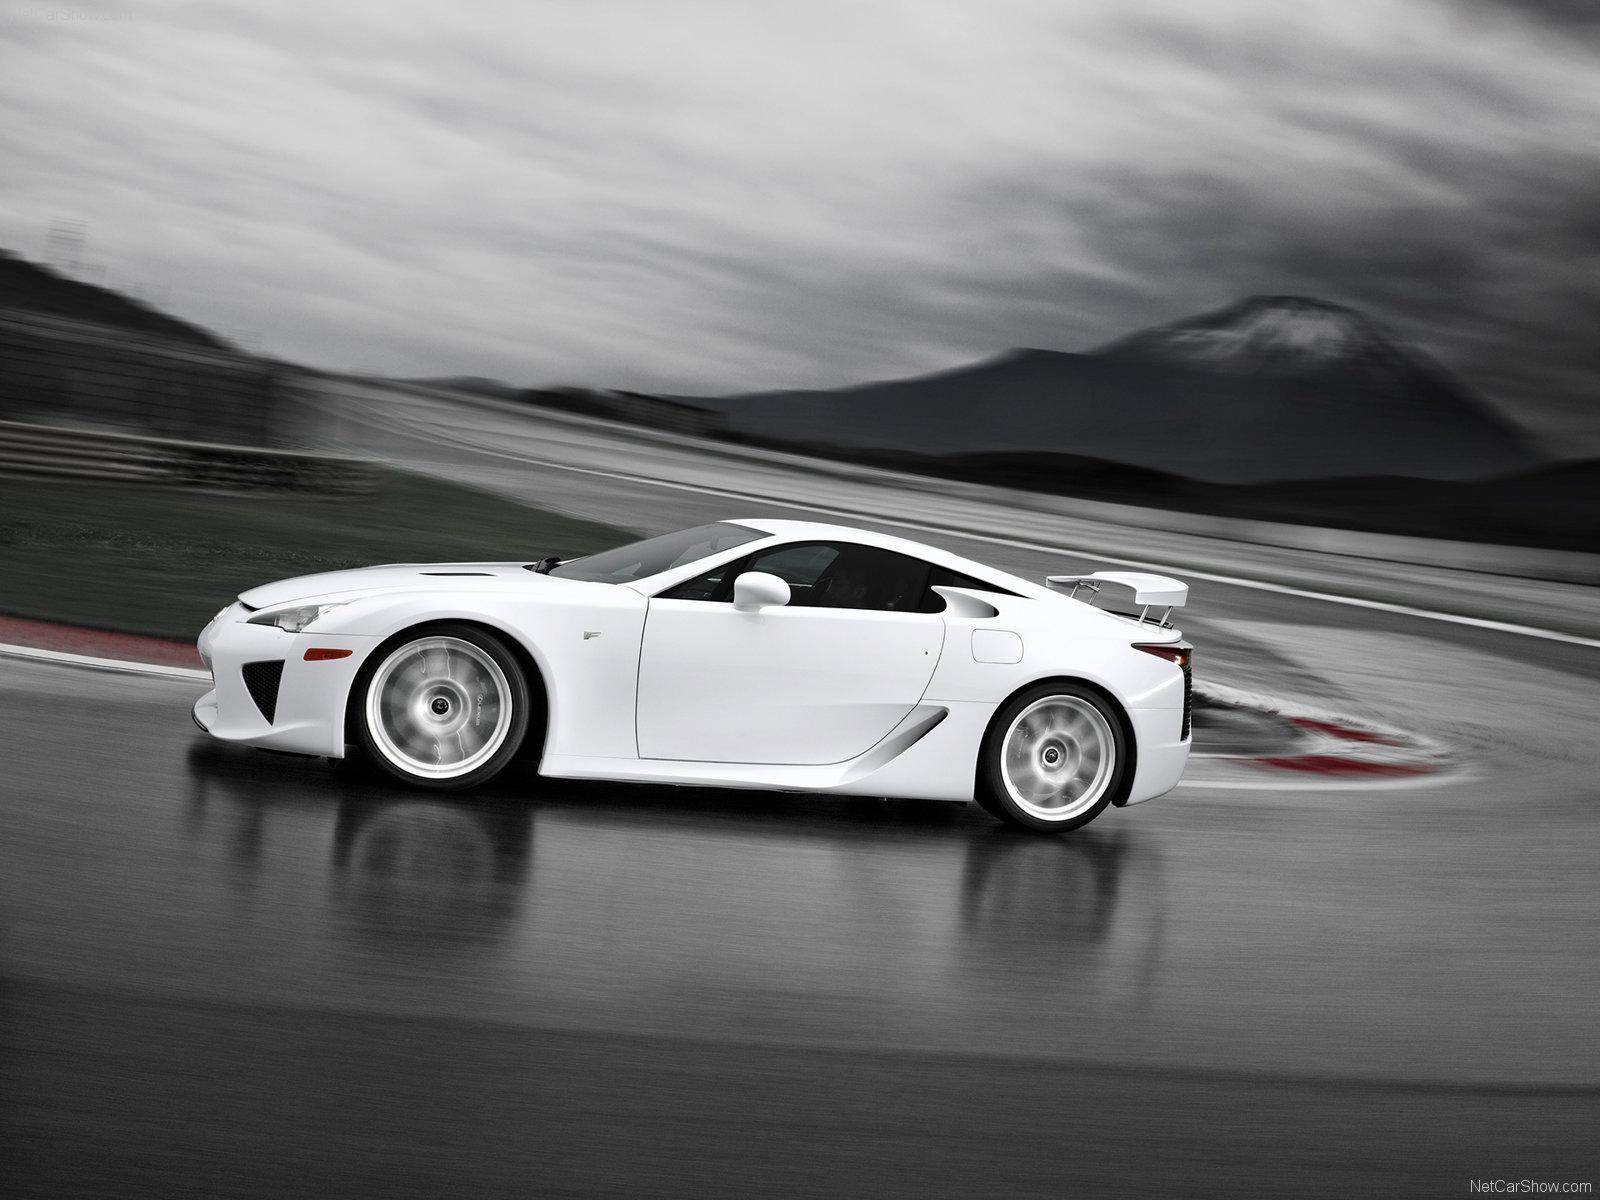 http://4.bp.blogspot.com/_ZkJutyGvIHk/SwIK_NrLANI/AAAAAAAAA40/FhiS-UbEt7M/s1600/Lexus-LFA_2011_1600x1200_wallpaper_08.jpg